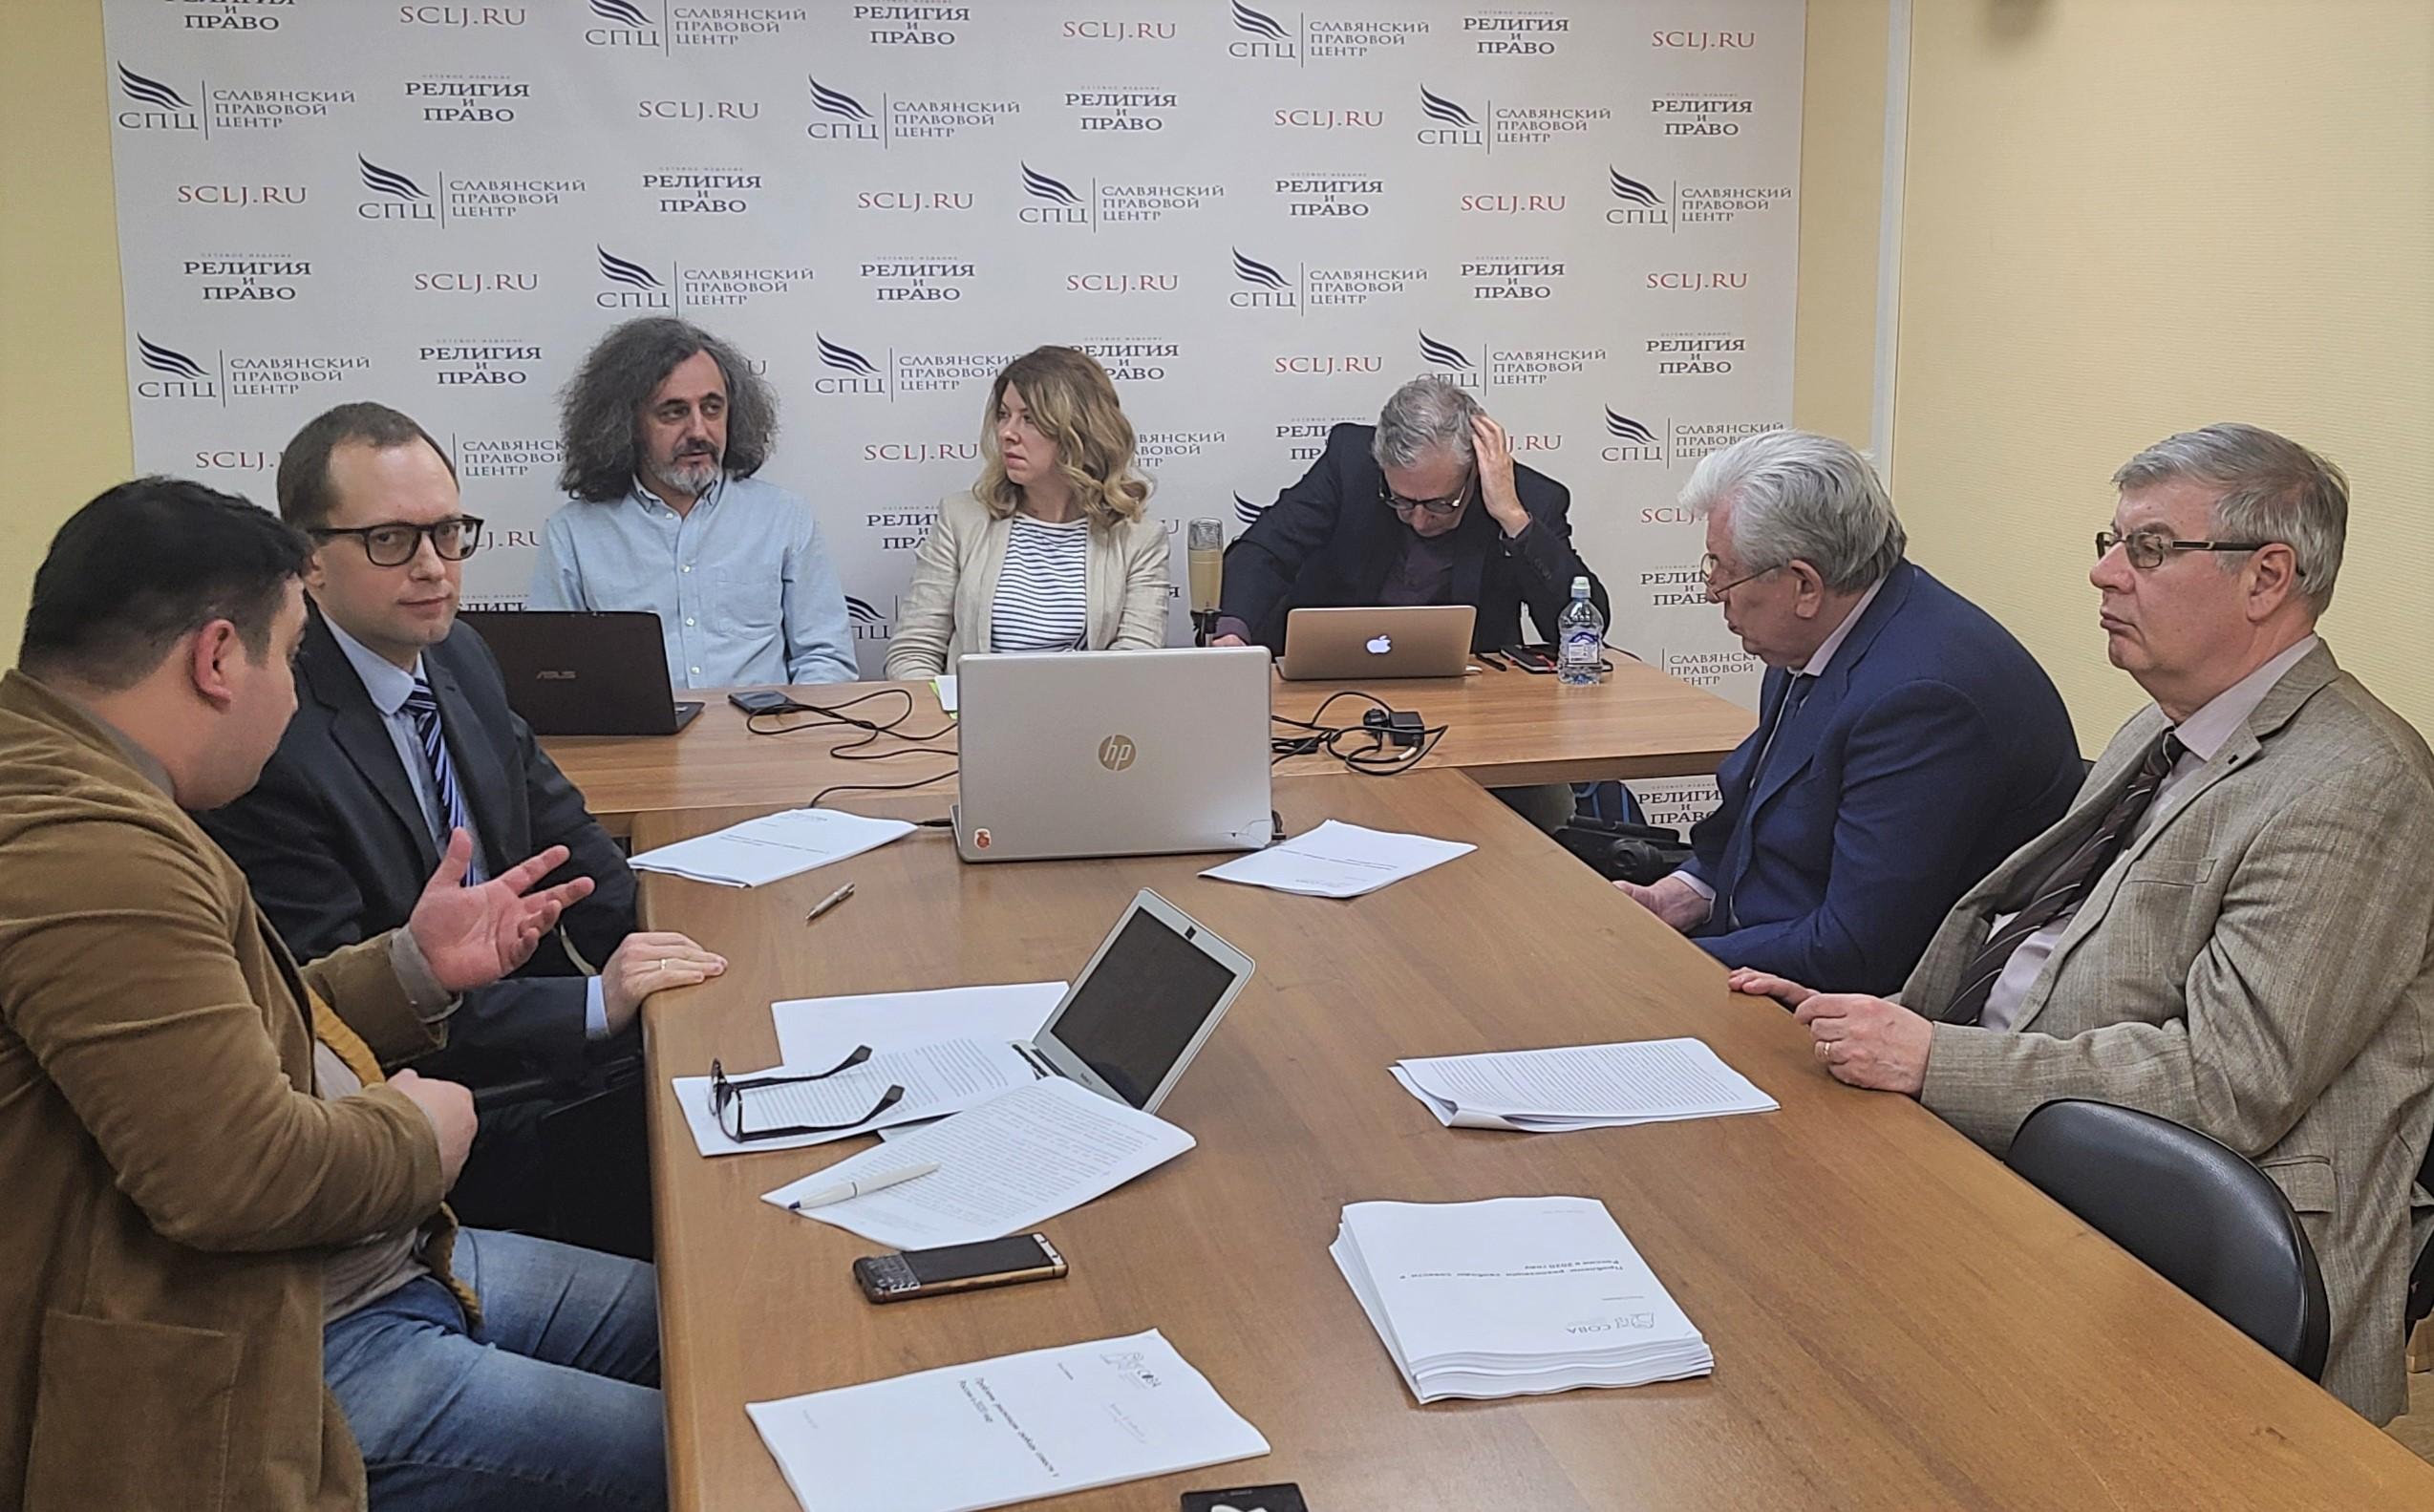 Игнатенко предположил мотивы вероисповедной политики в России